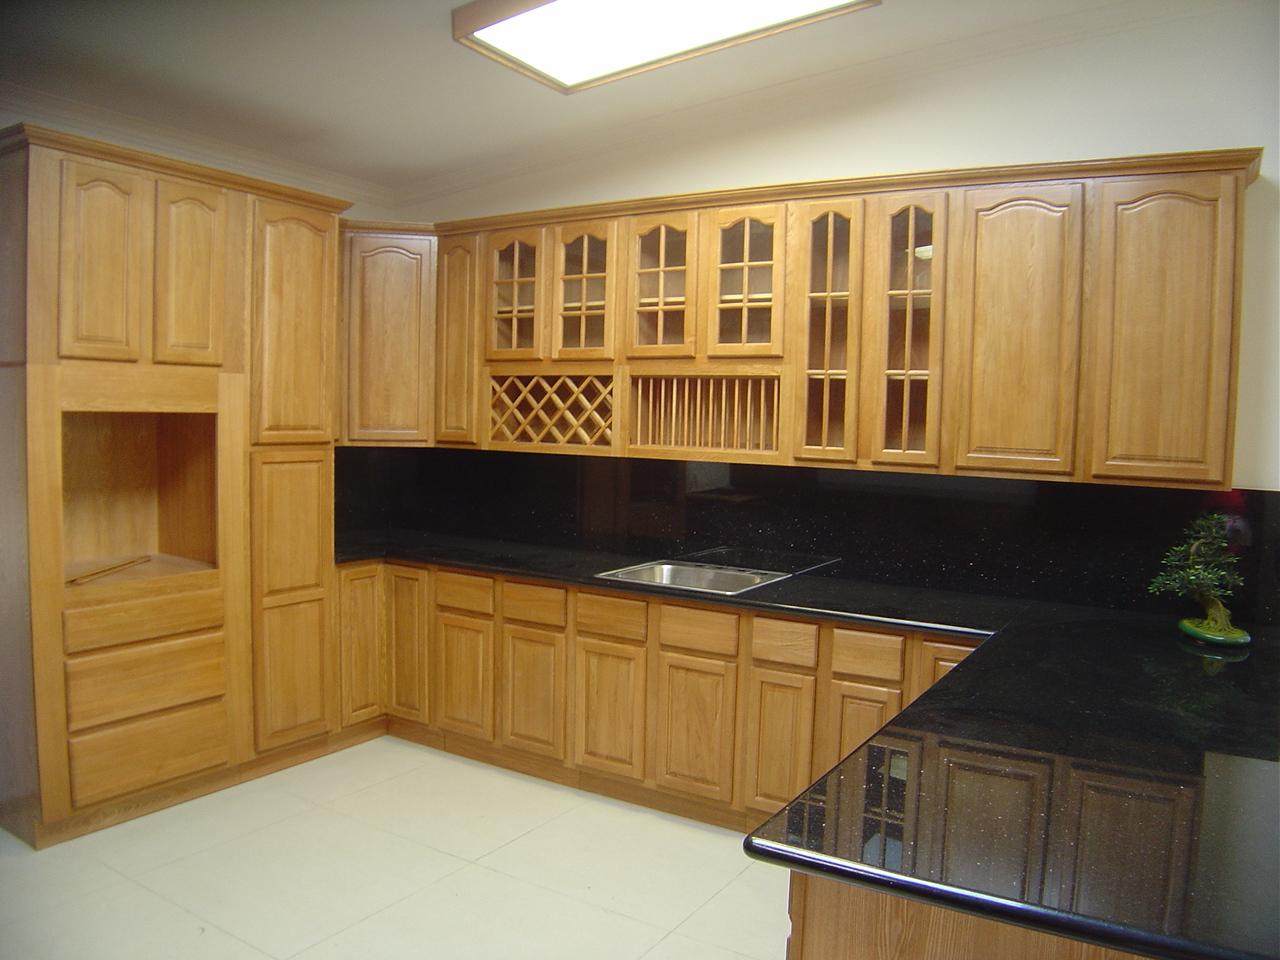 Wine decor kitchen accessories | | Kitchen ideas